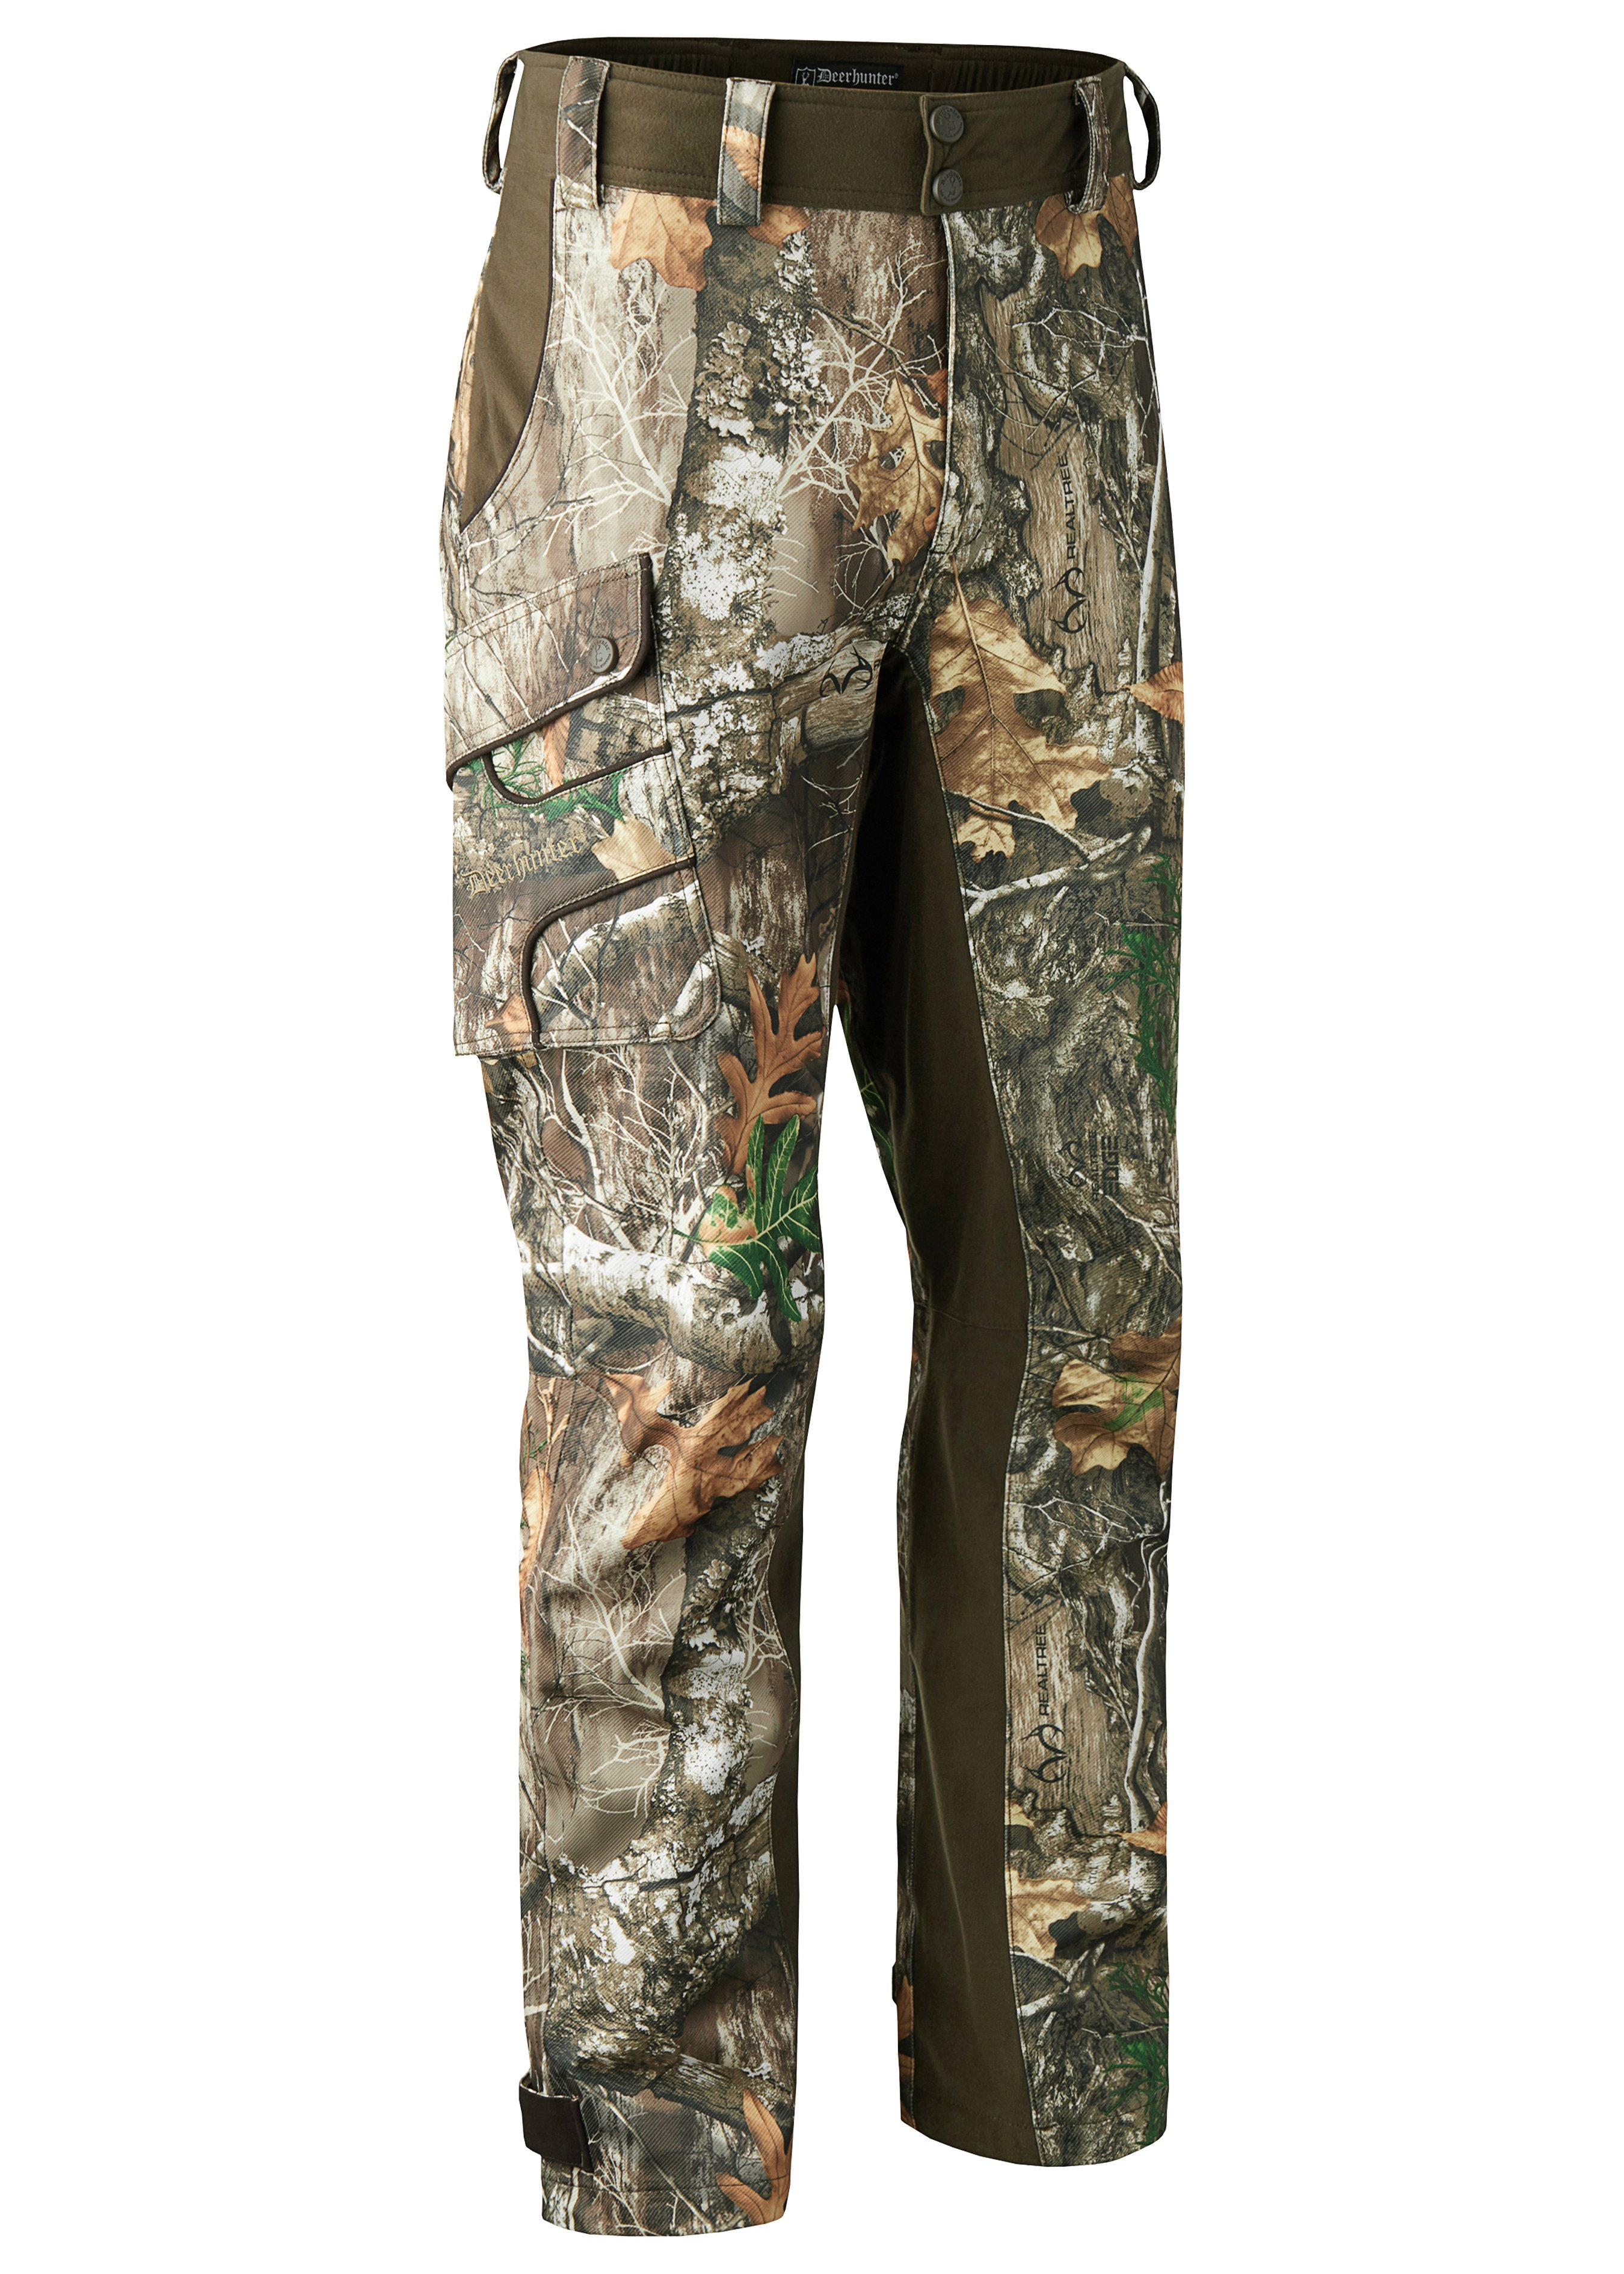 Pantalon de chasse Muflon légère Realtree 22122742 1